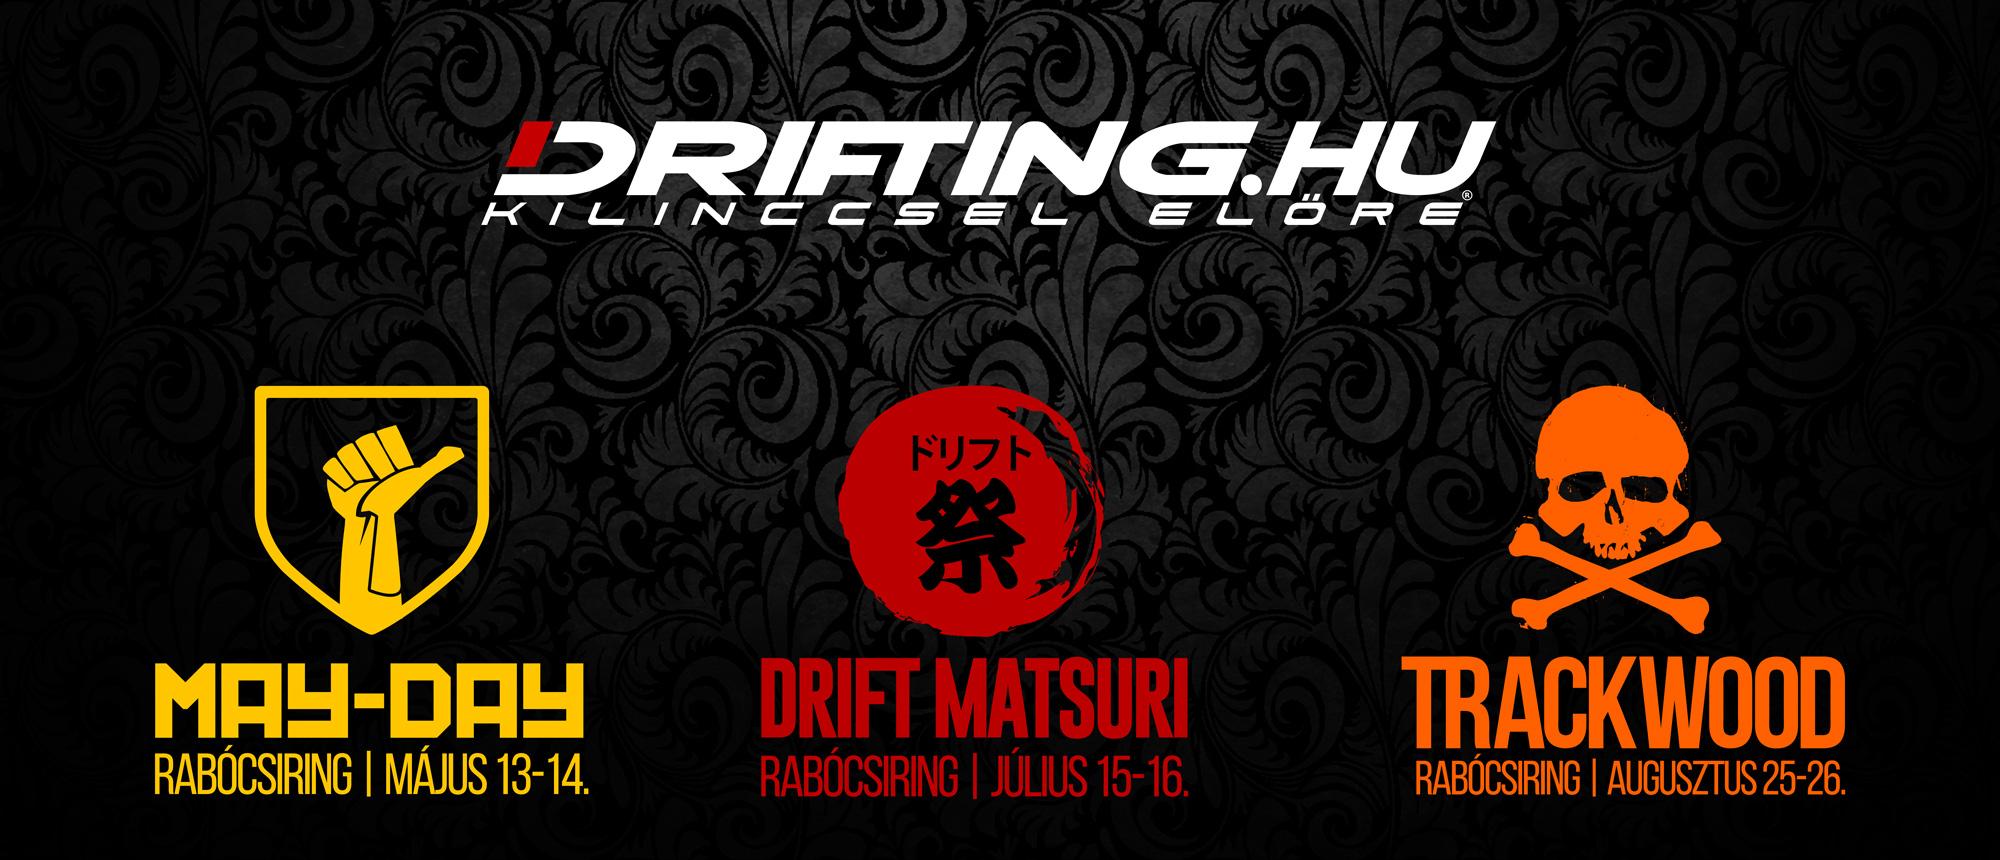 drifting.hu